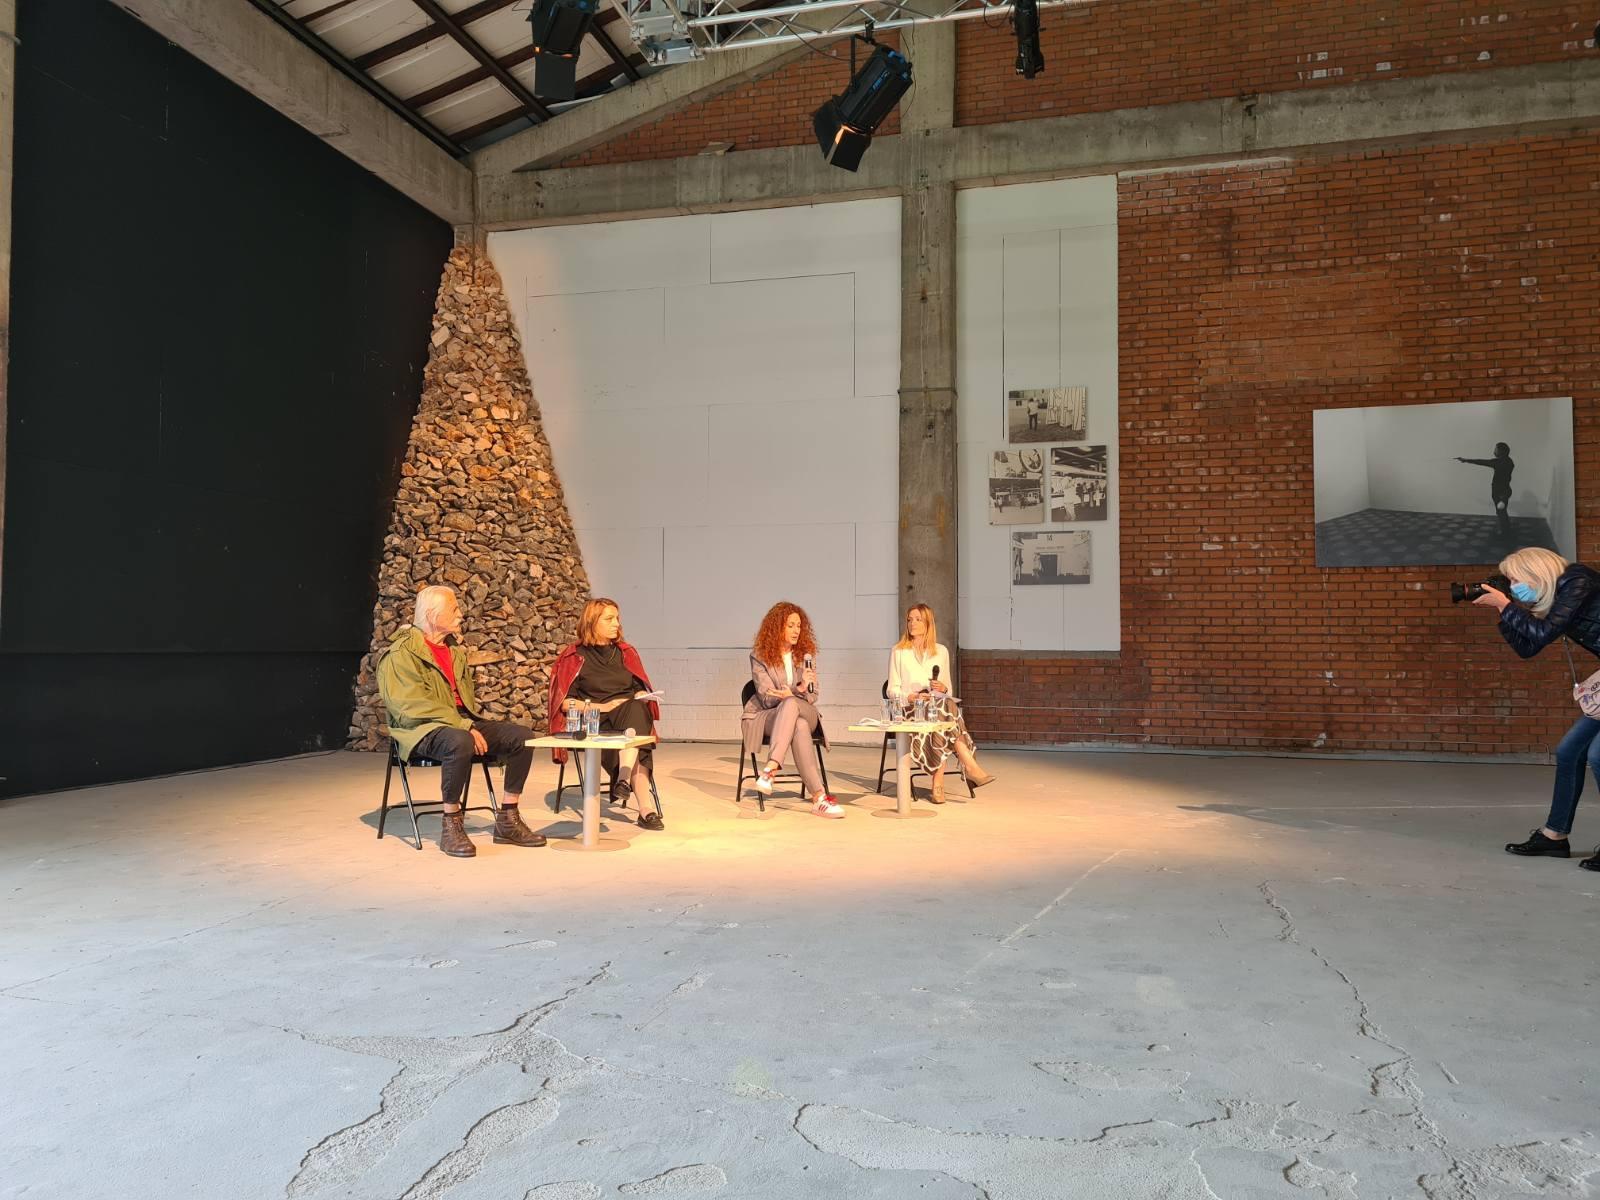 Retrospektivna izložba Mikrokozmi Ilije Šoškića u produkciji Sekretarijata za kulturu i sport od 15. maja do 15. juna u Kolektoru